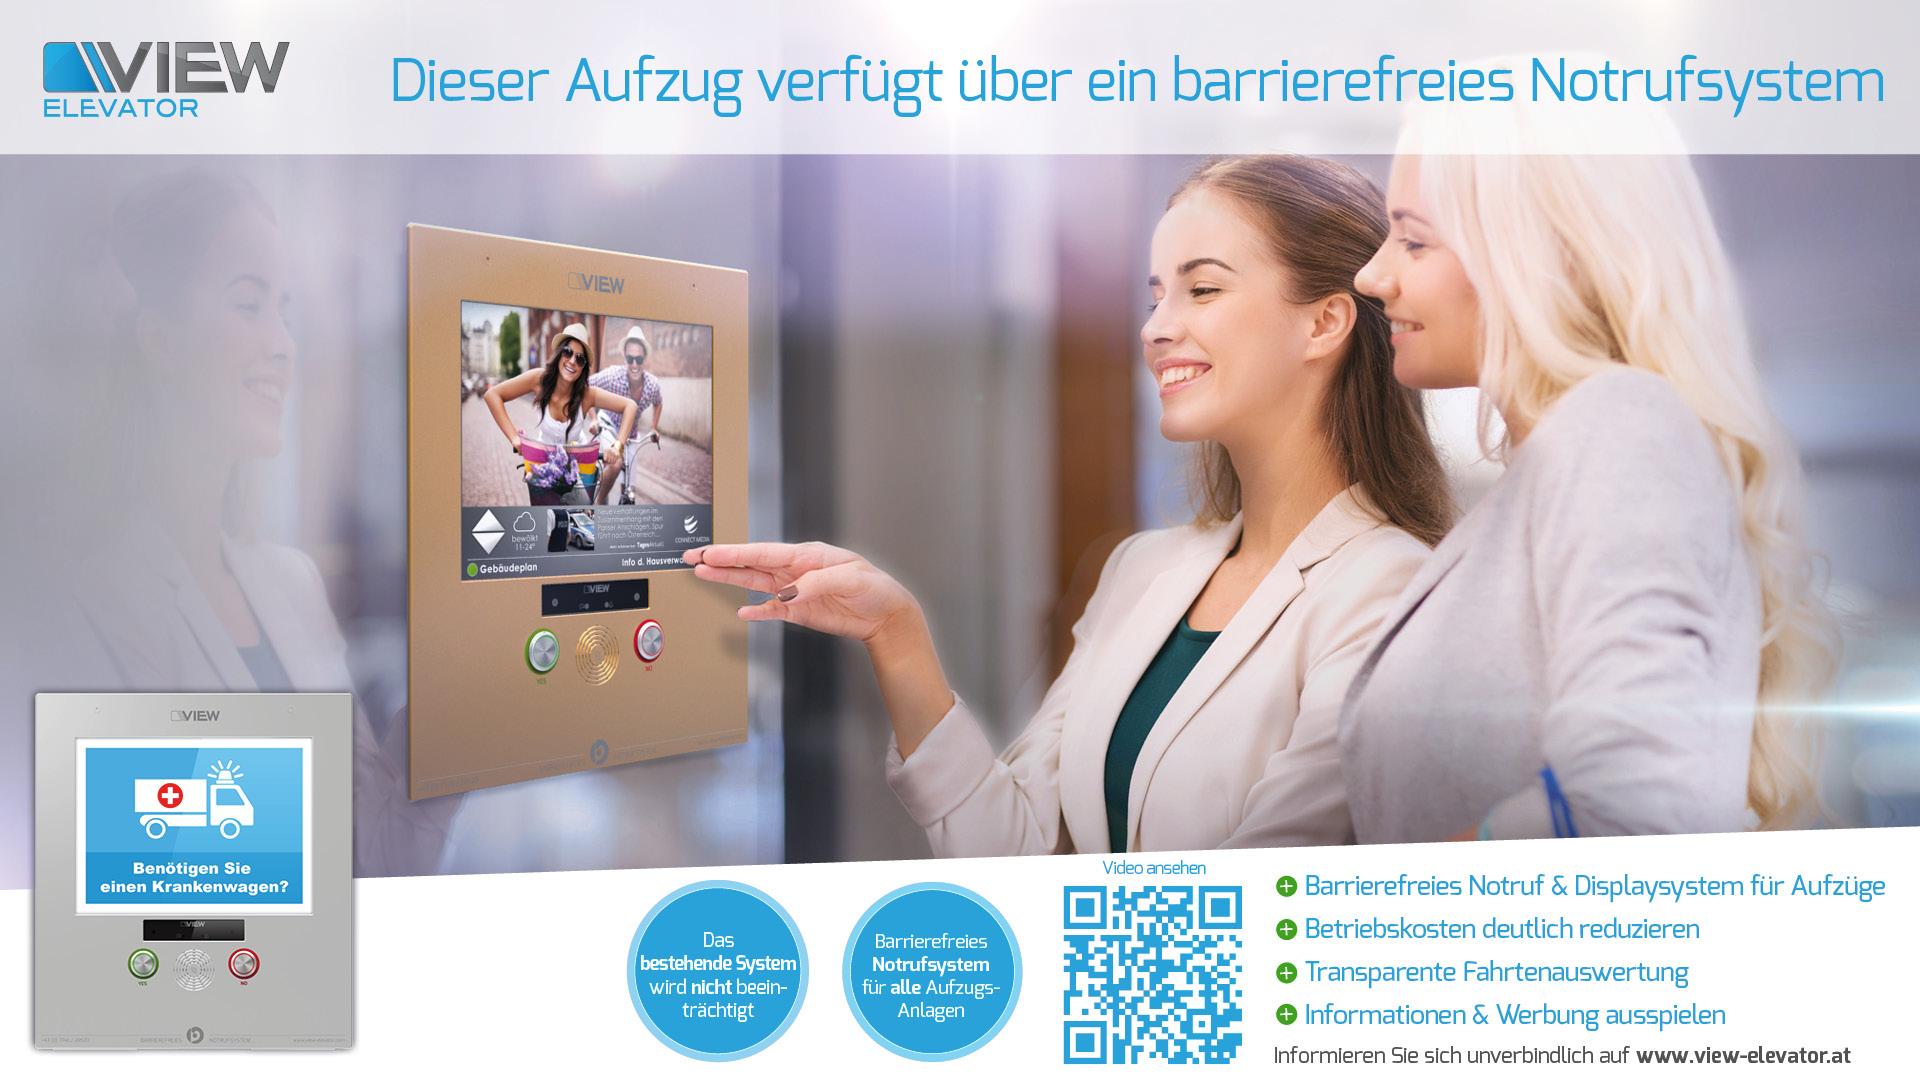 Barrierefreies Notrufsystem_View_1920x1080_Allgemein.jpg